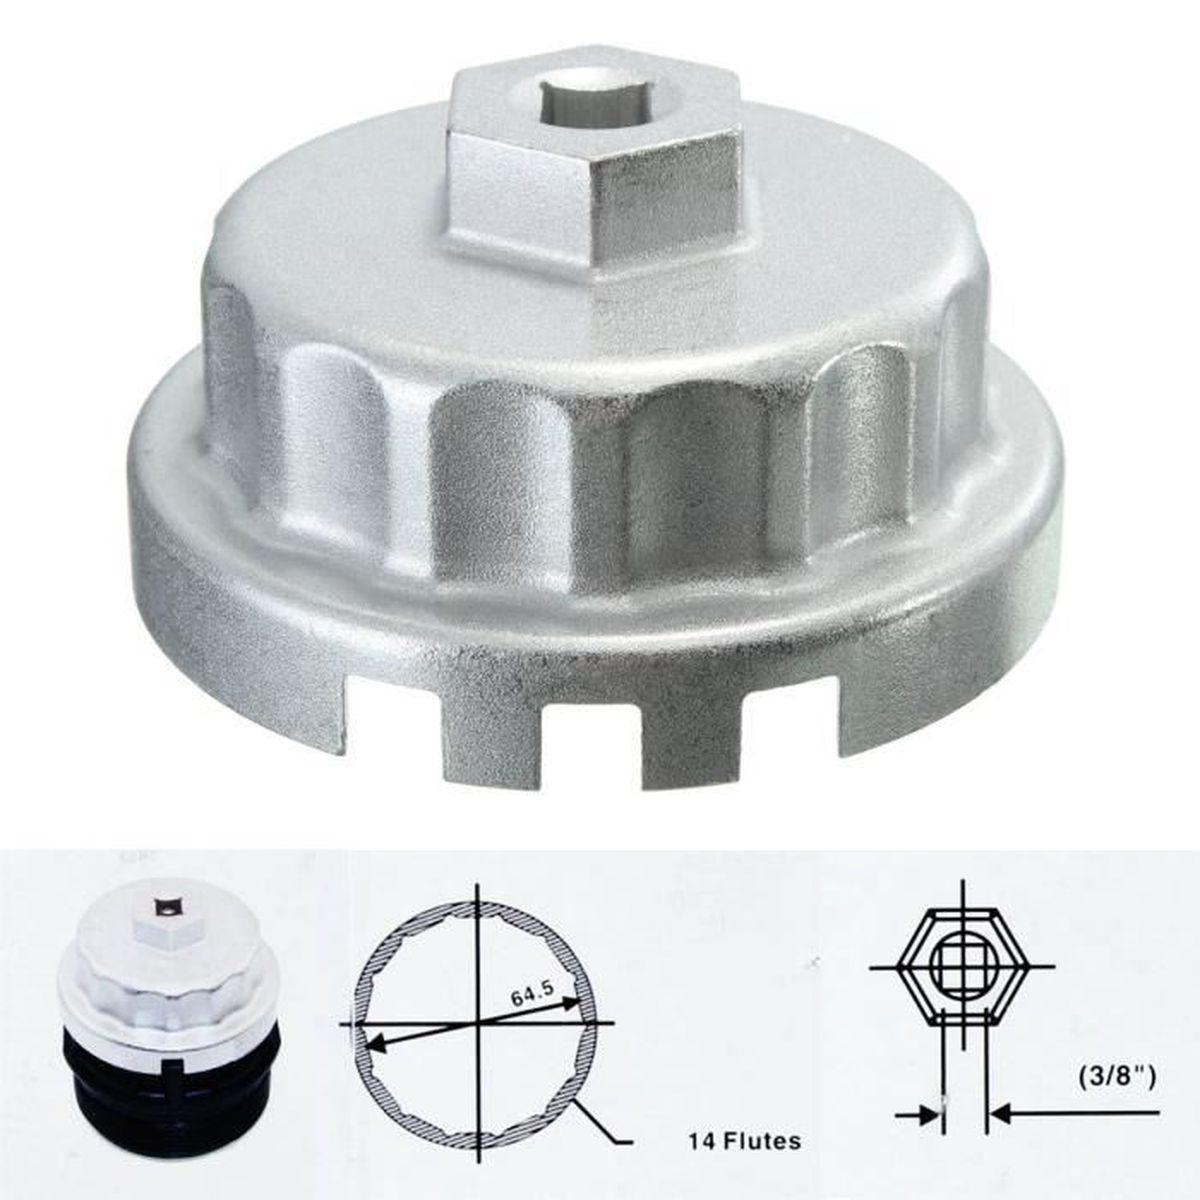 TEMPSA Clé De Filtre à Huile 64.5mm Pour TOYOTA LEXUS